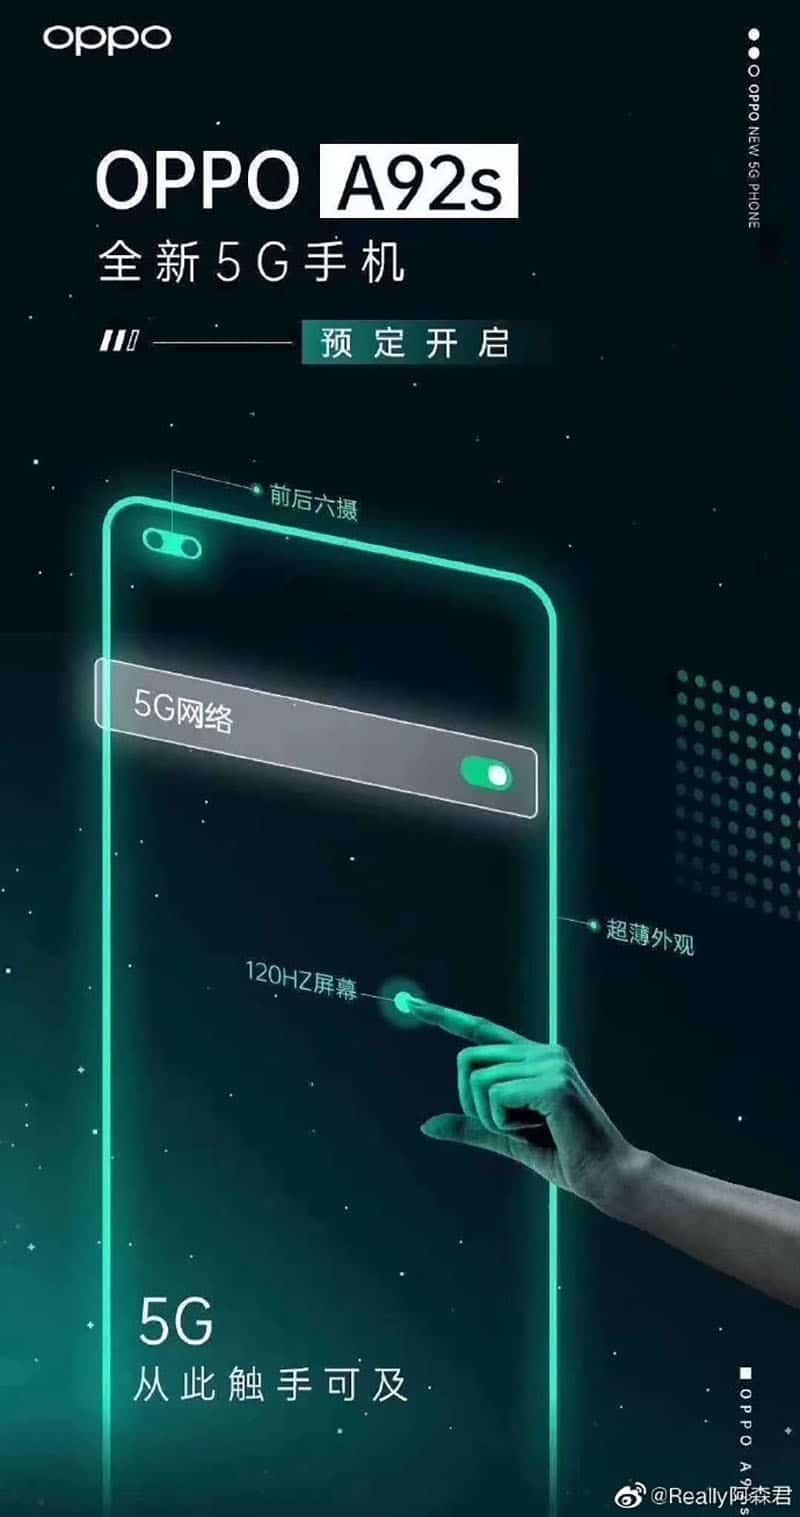 OPPO sắp tung ra smartphone mới có tên là OPPO A92s?